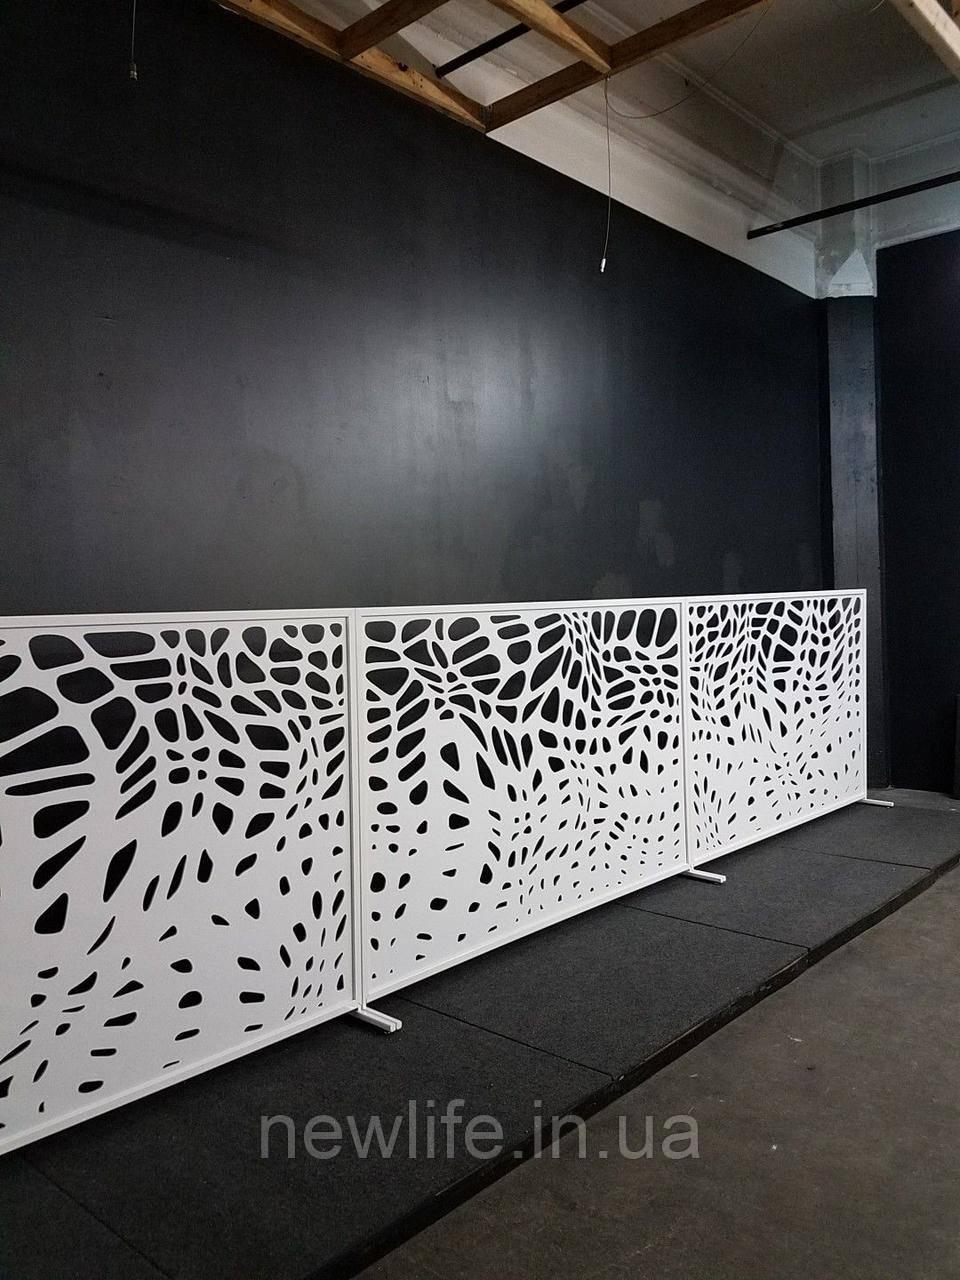 Забор с декоративными узорами